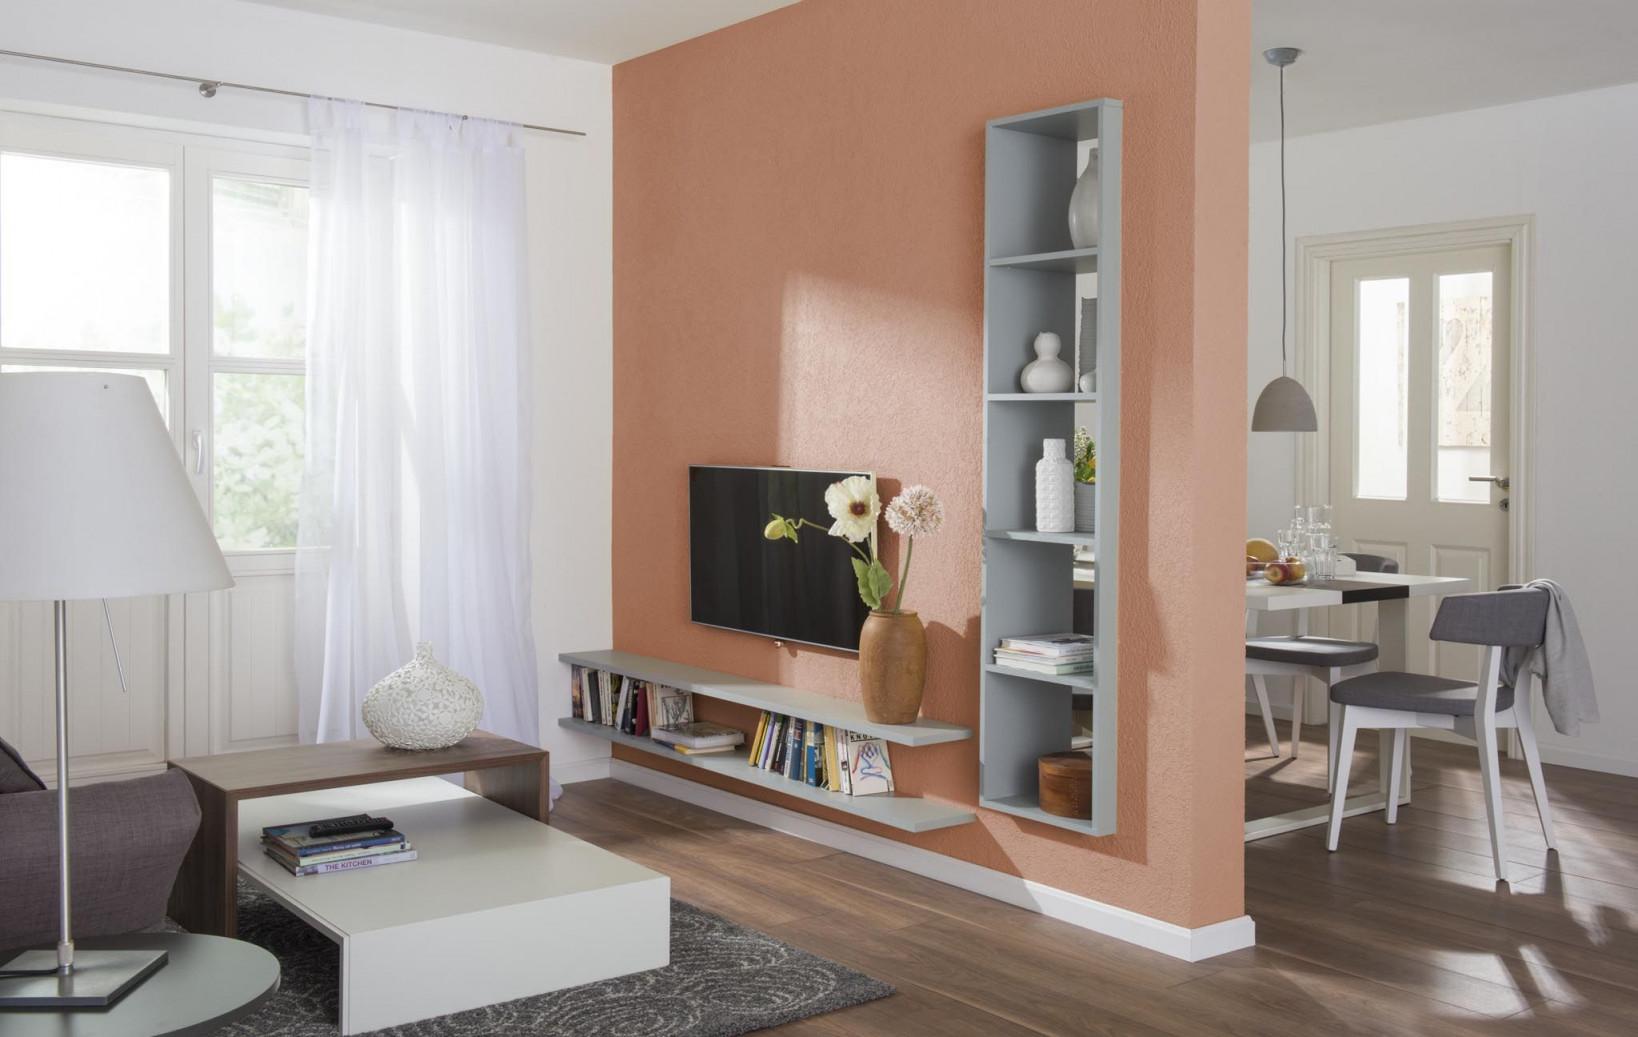 Einrichtung Rechteckiges Wohnzimmer  Living Room Colors von Rechteckiges Wohnzimmer Einrichten Bild